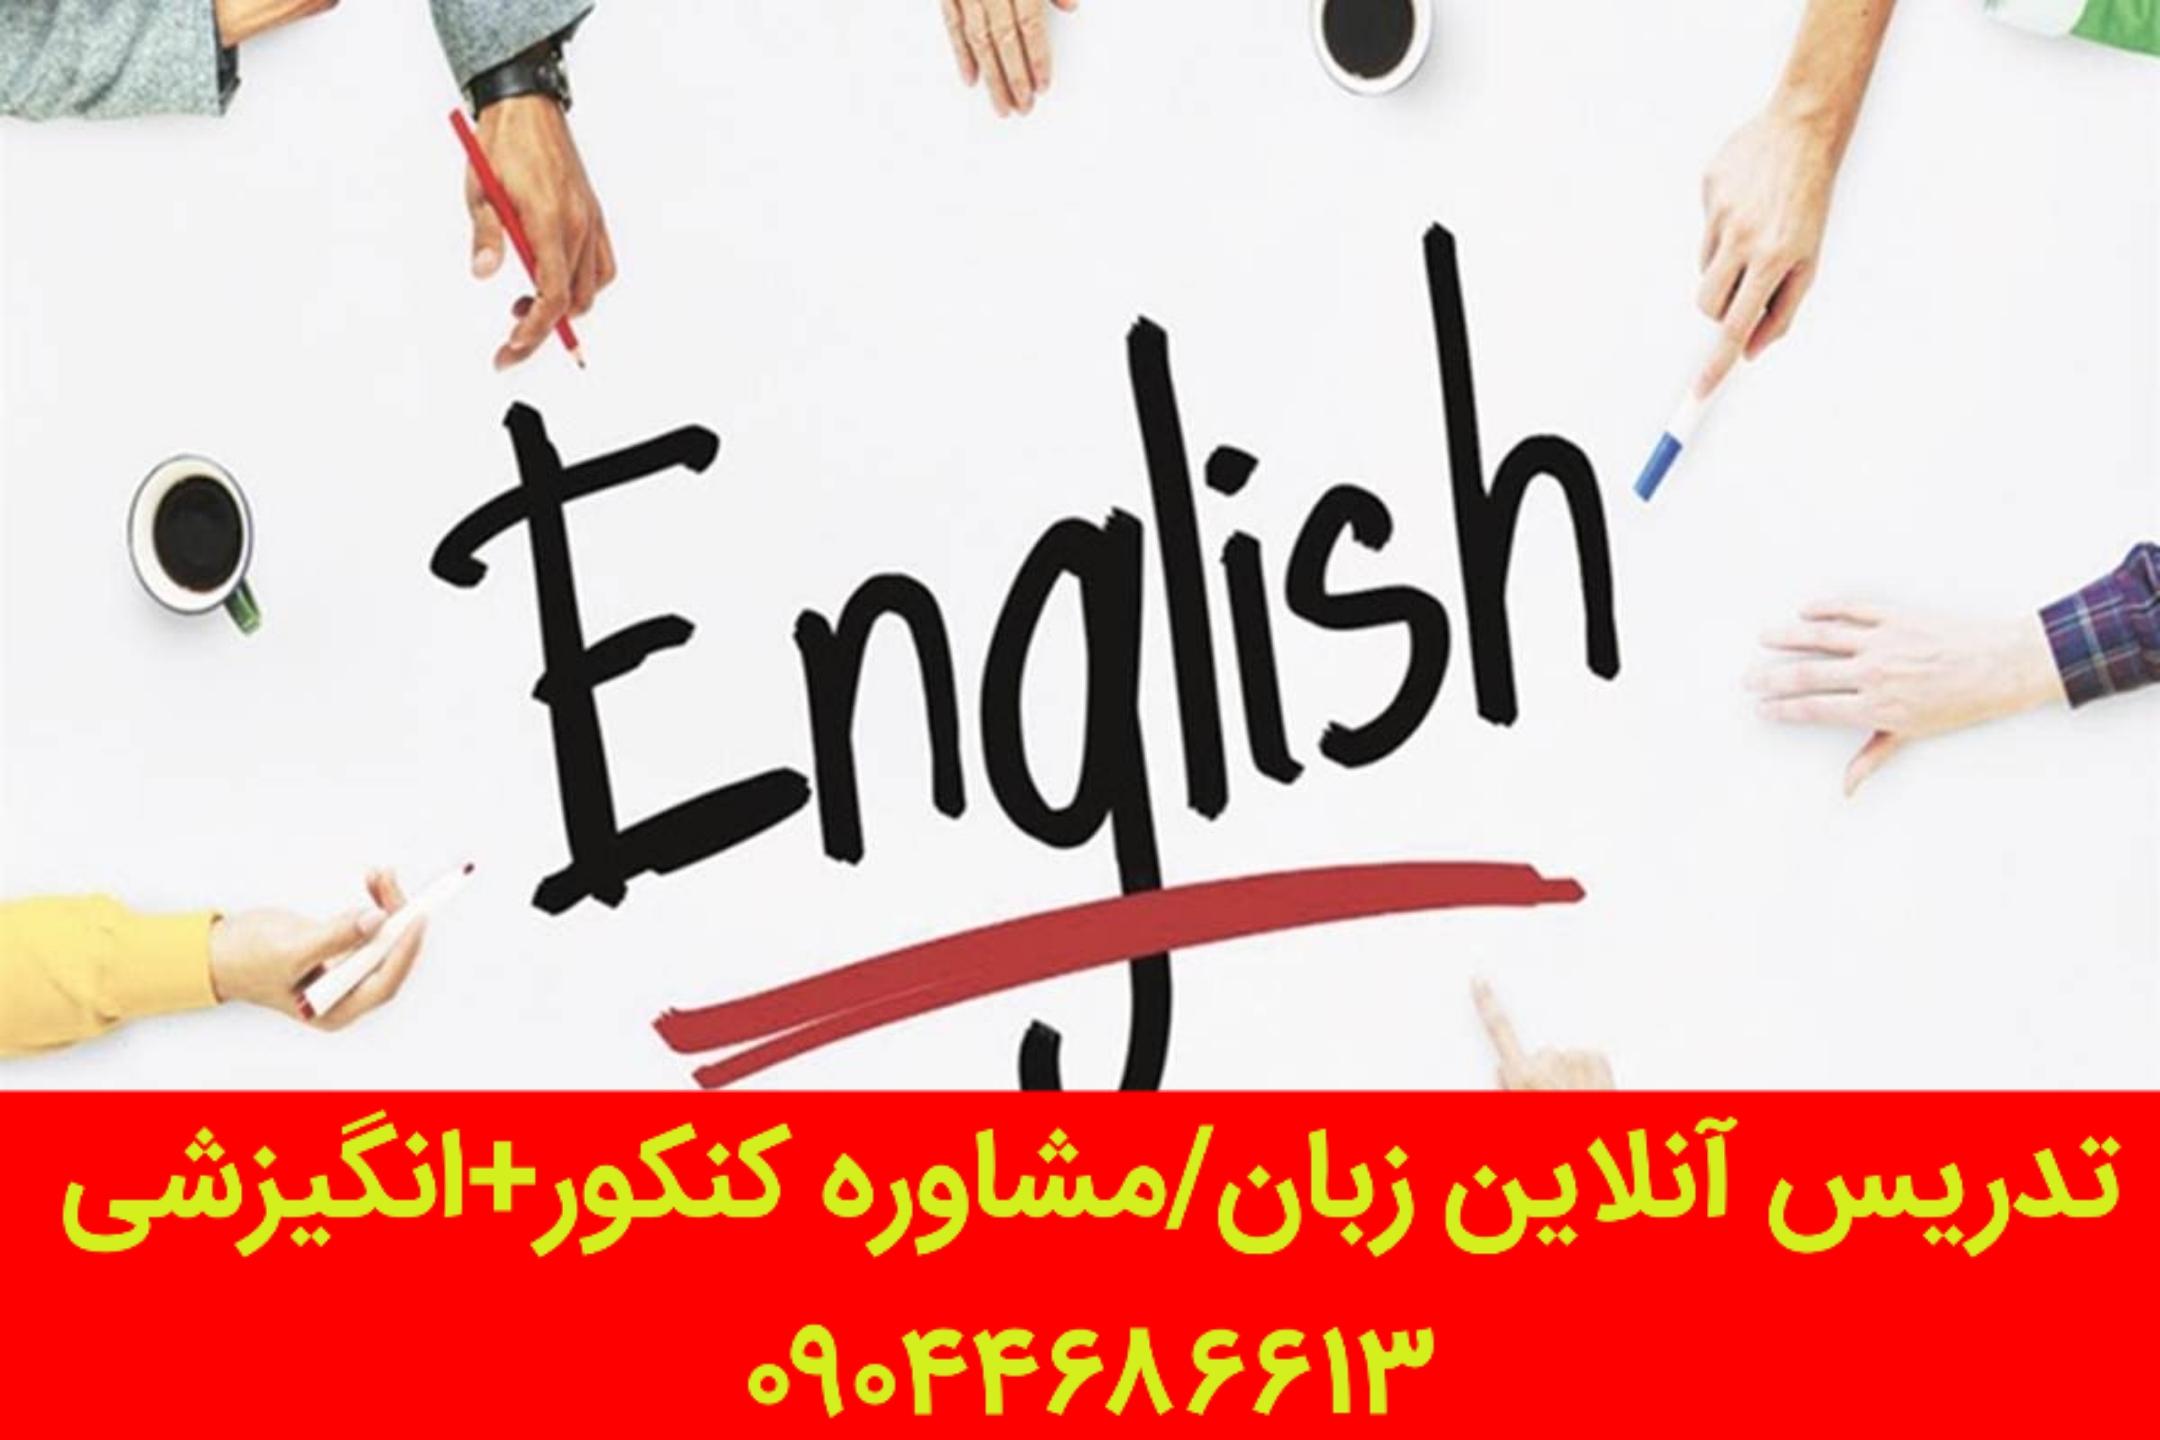 بهترین روش مطالعه زبان کنکور_vahidimeni.ir